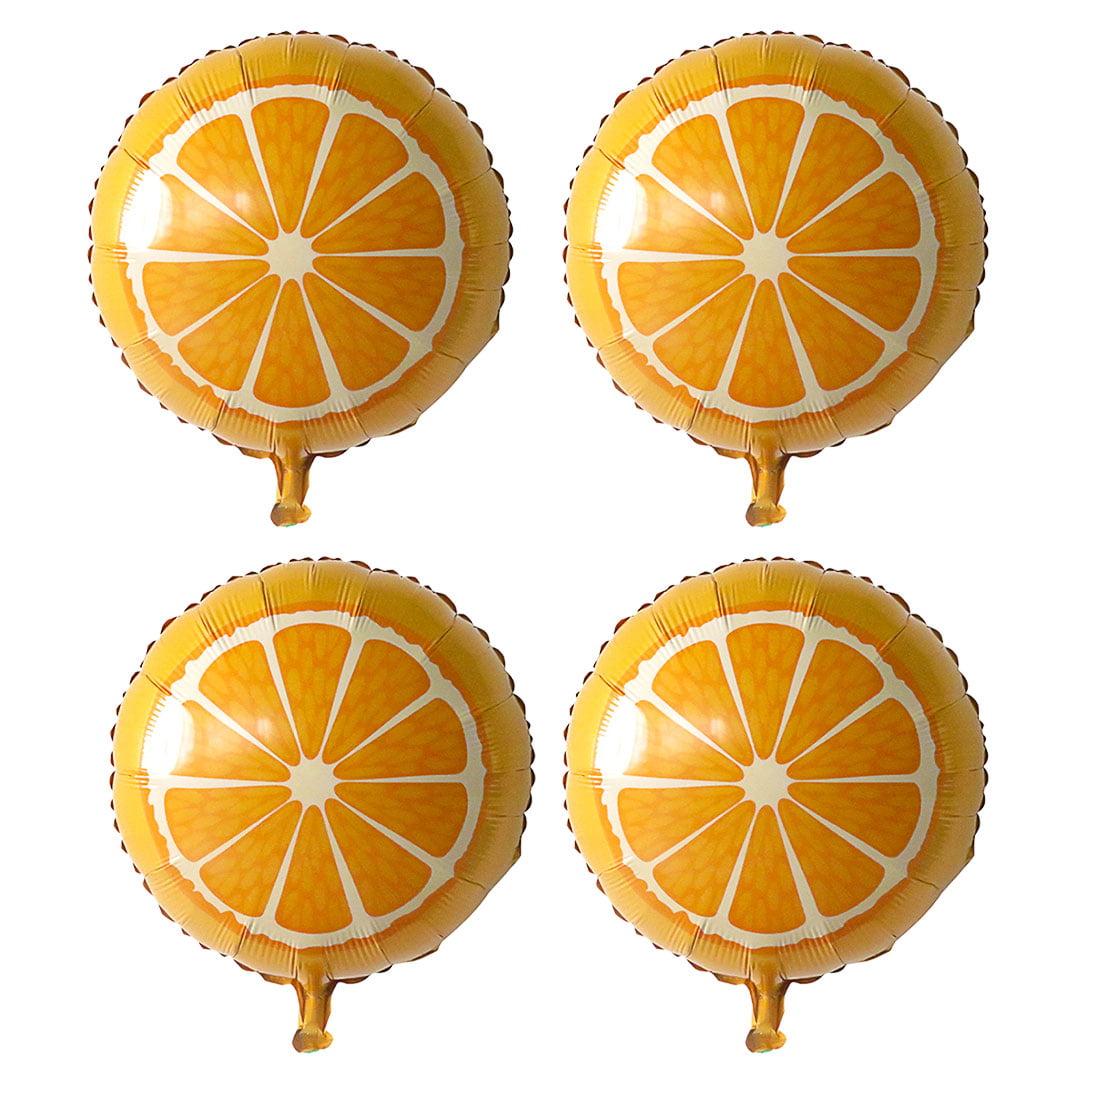 Unique Bargains Foil Orange Print Inflation Balloon Wedding Party Celebration Decor 13 Inch 4pcs